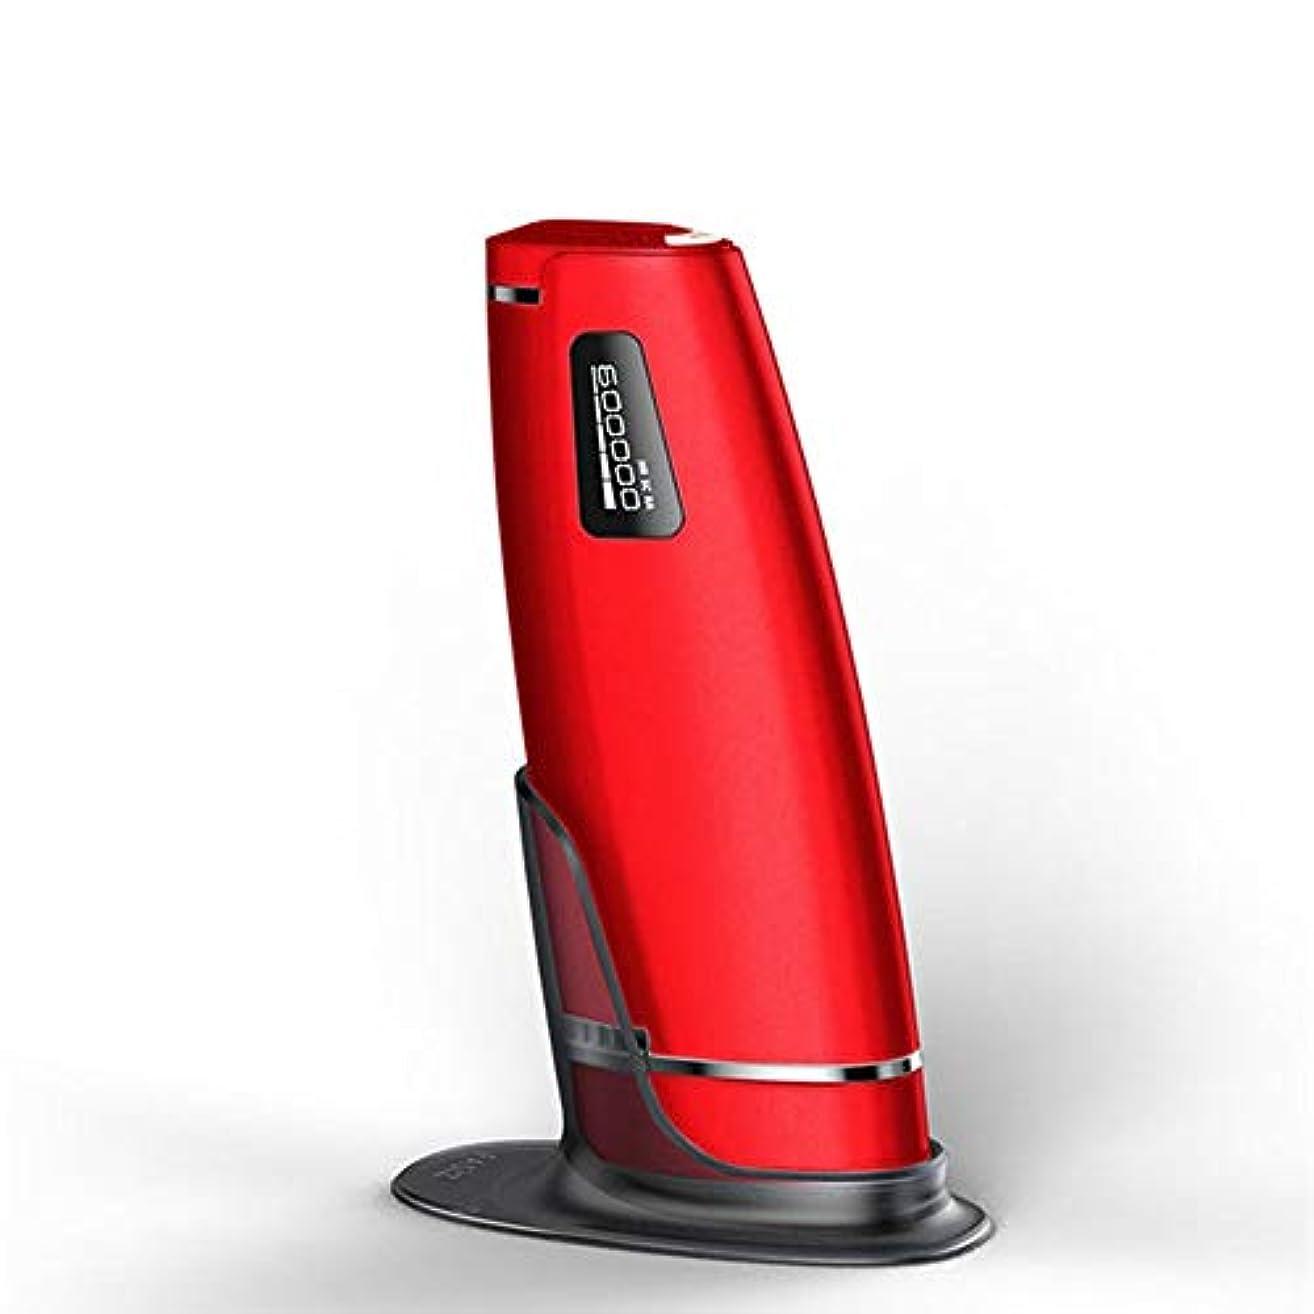 地雷原ブリーフケース繕う赤、デュアルモード、ホームオートマチック無痛脱毛剤、携帯用永久脱毛剤、5スピード調整、サイズ20.5 X 4.5 X 7 Cm 髪以外はきれい (Color : Red)